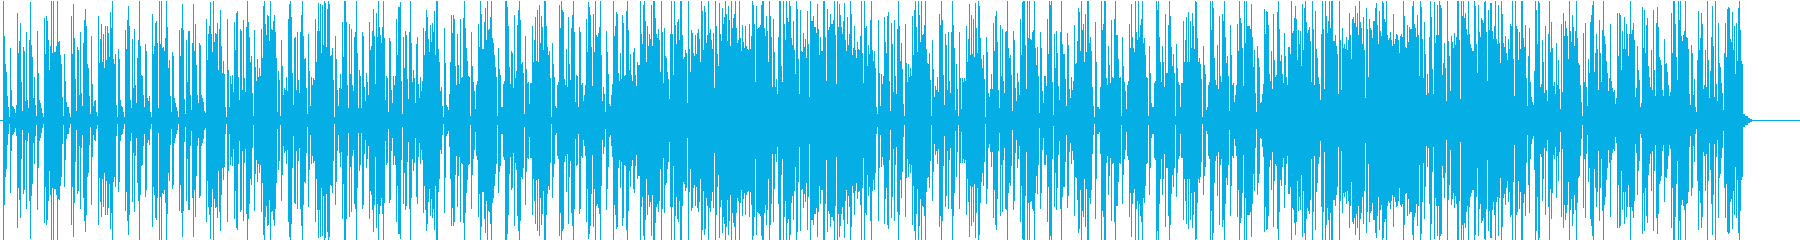 切なくて優しい雰囲気のR&B調ポップス☆の再生済みの波形